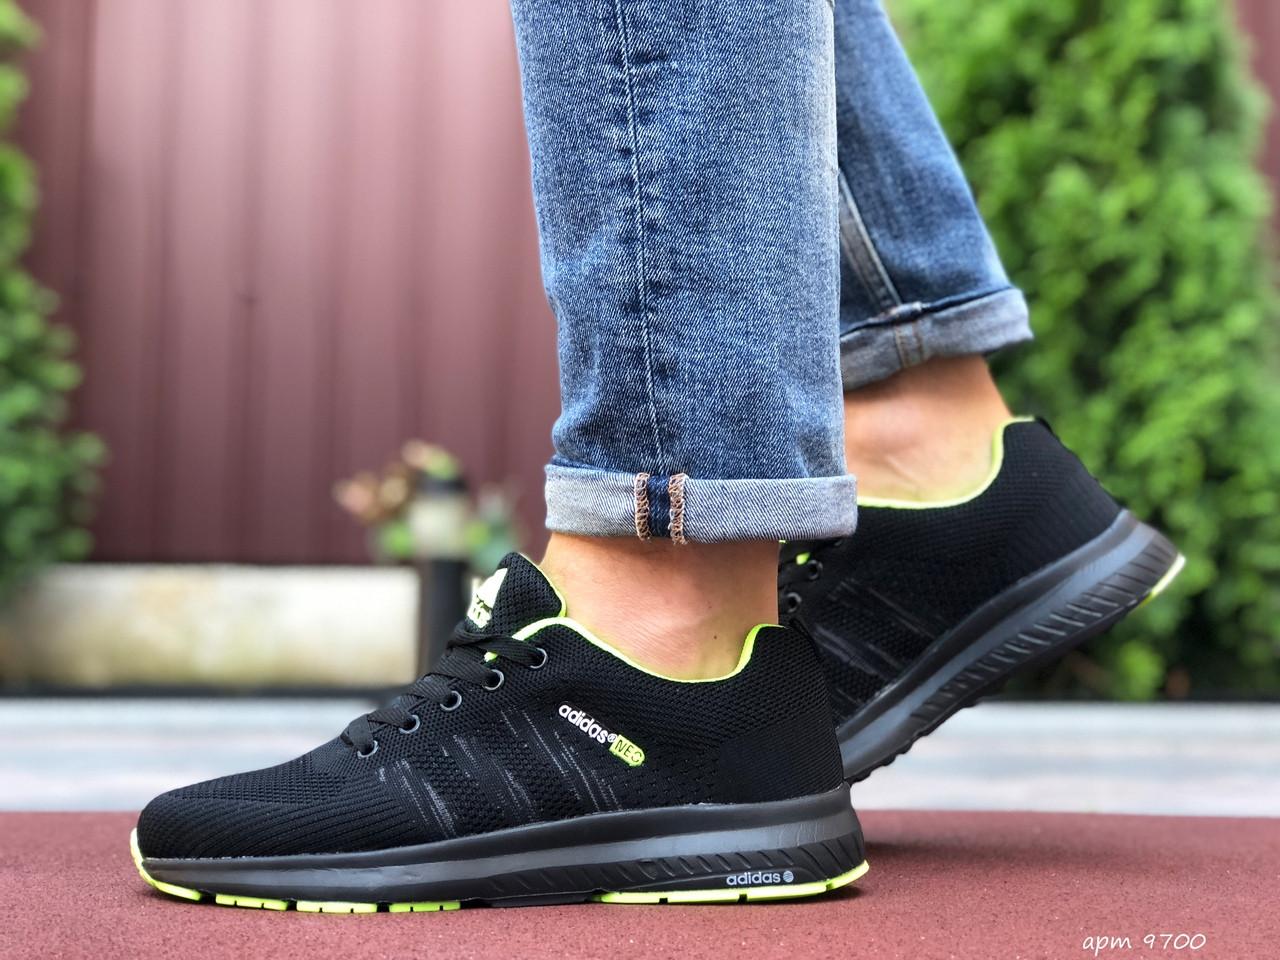 Мужские кроссовки Adidas Neo черные. Модные кроссовки Адидас мужские черного цвета.